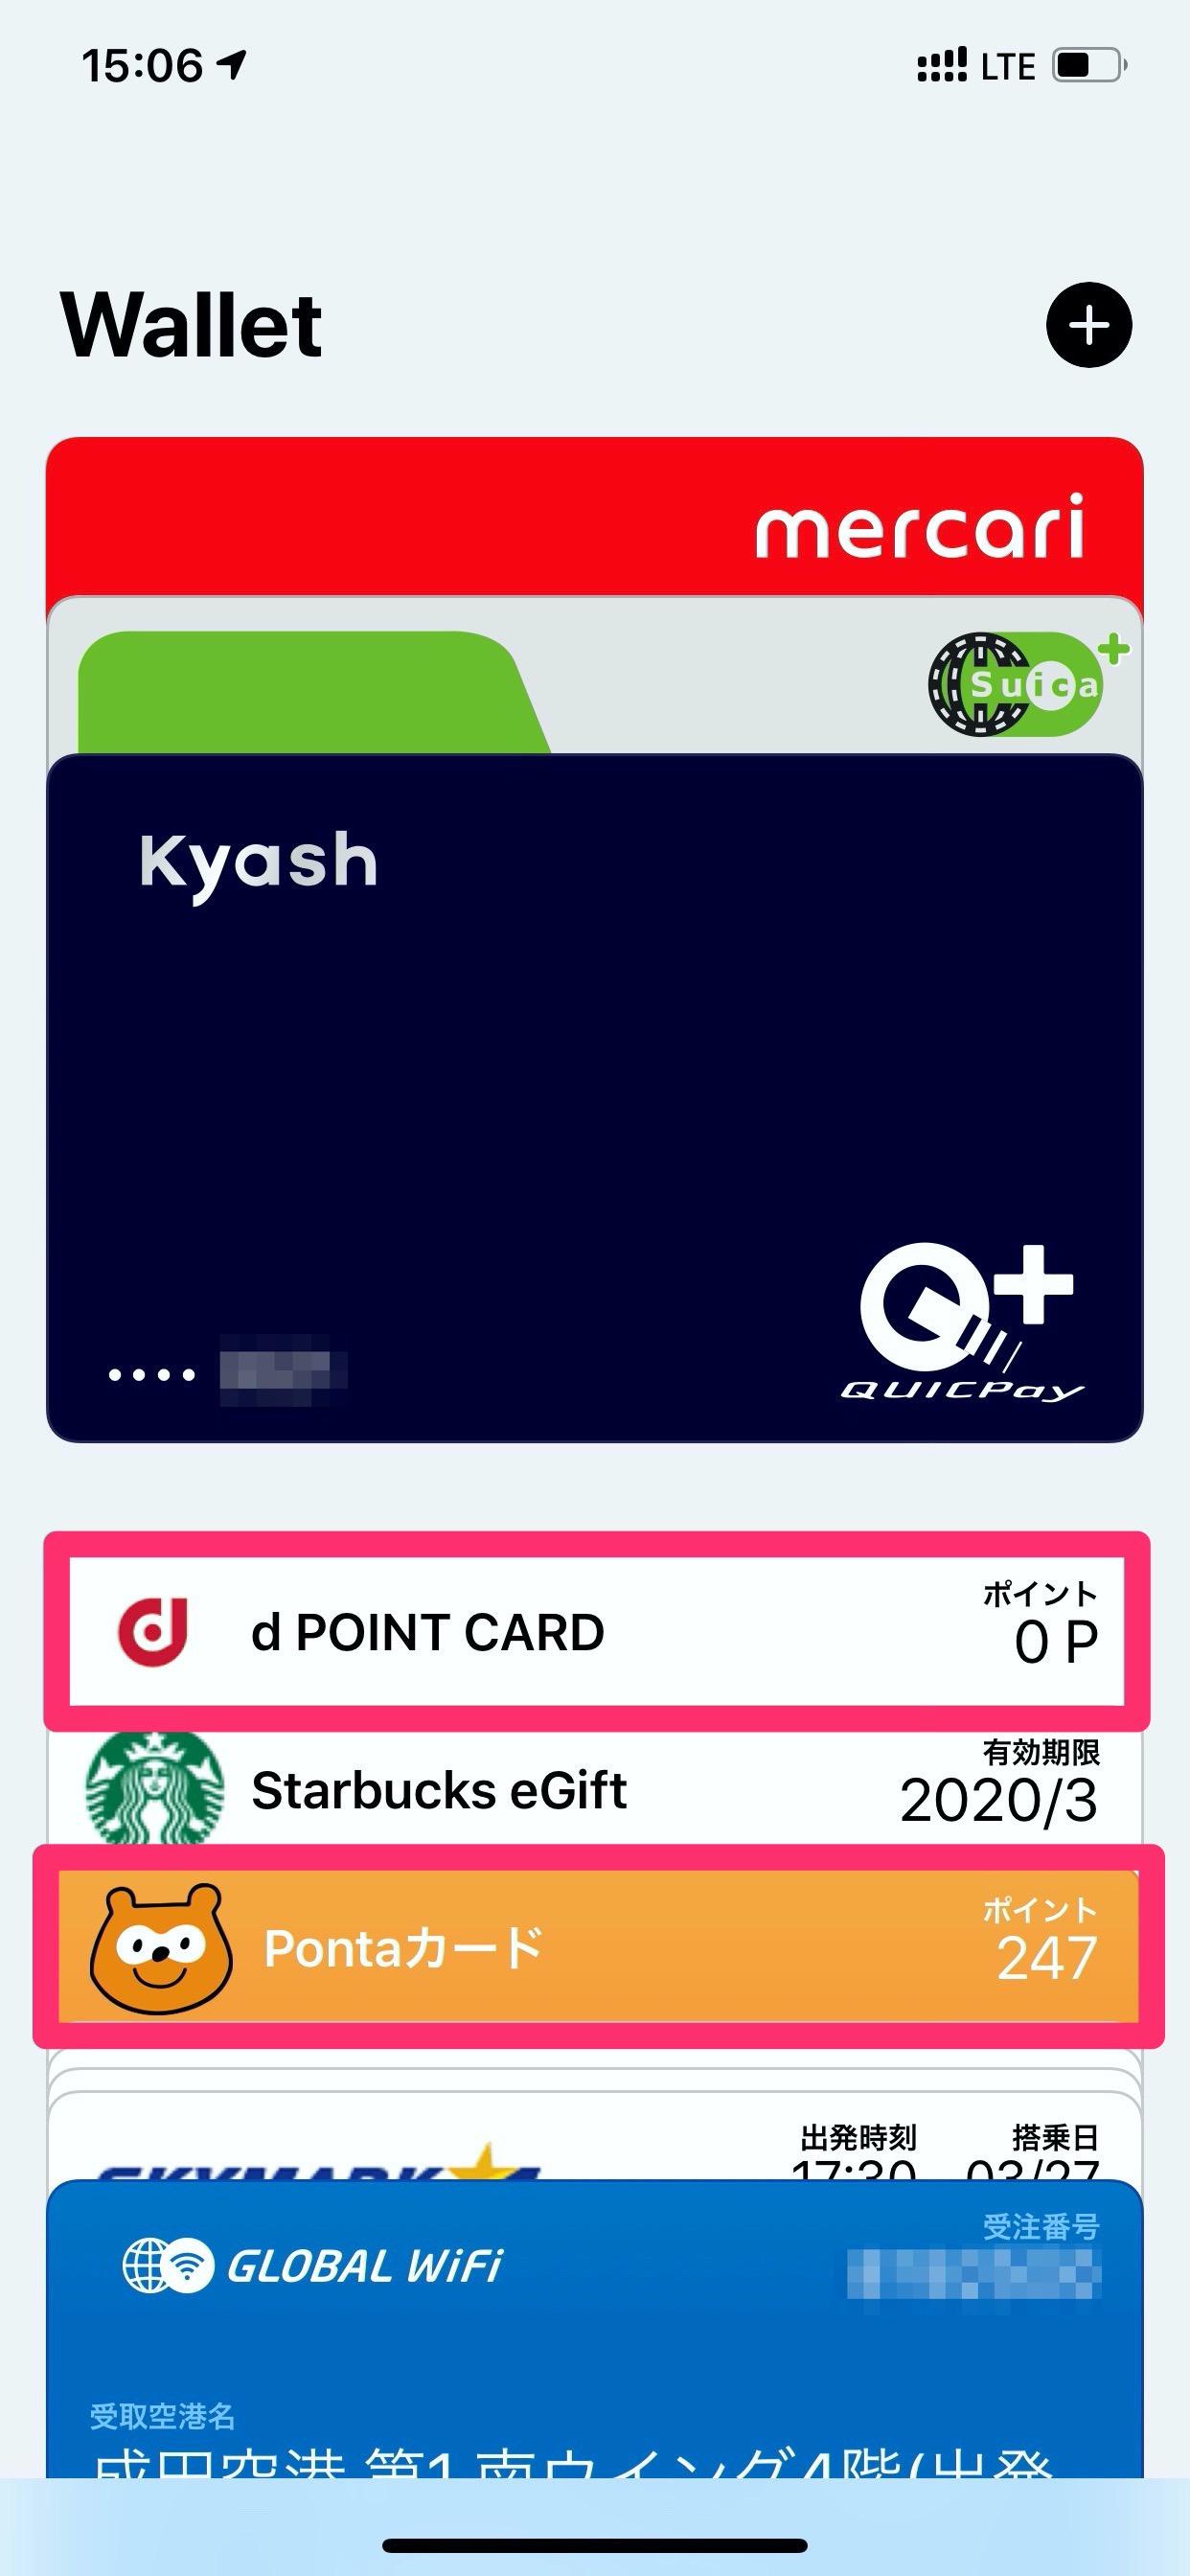 【ローソン】「Apple Payで」する時にPontaカードとdポインカードの選択画面が出てきてしまう際の対処方法